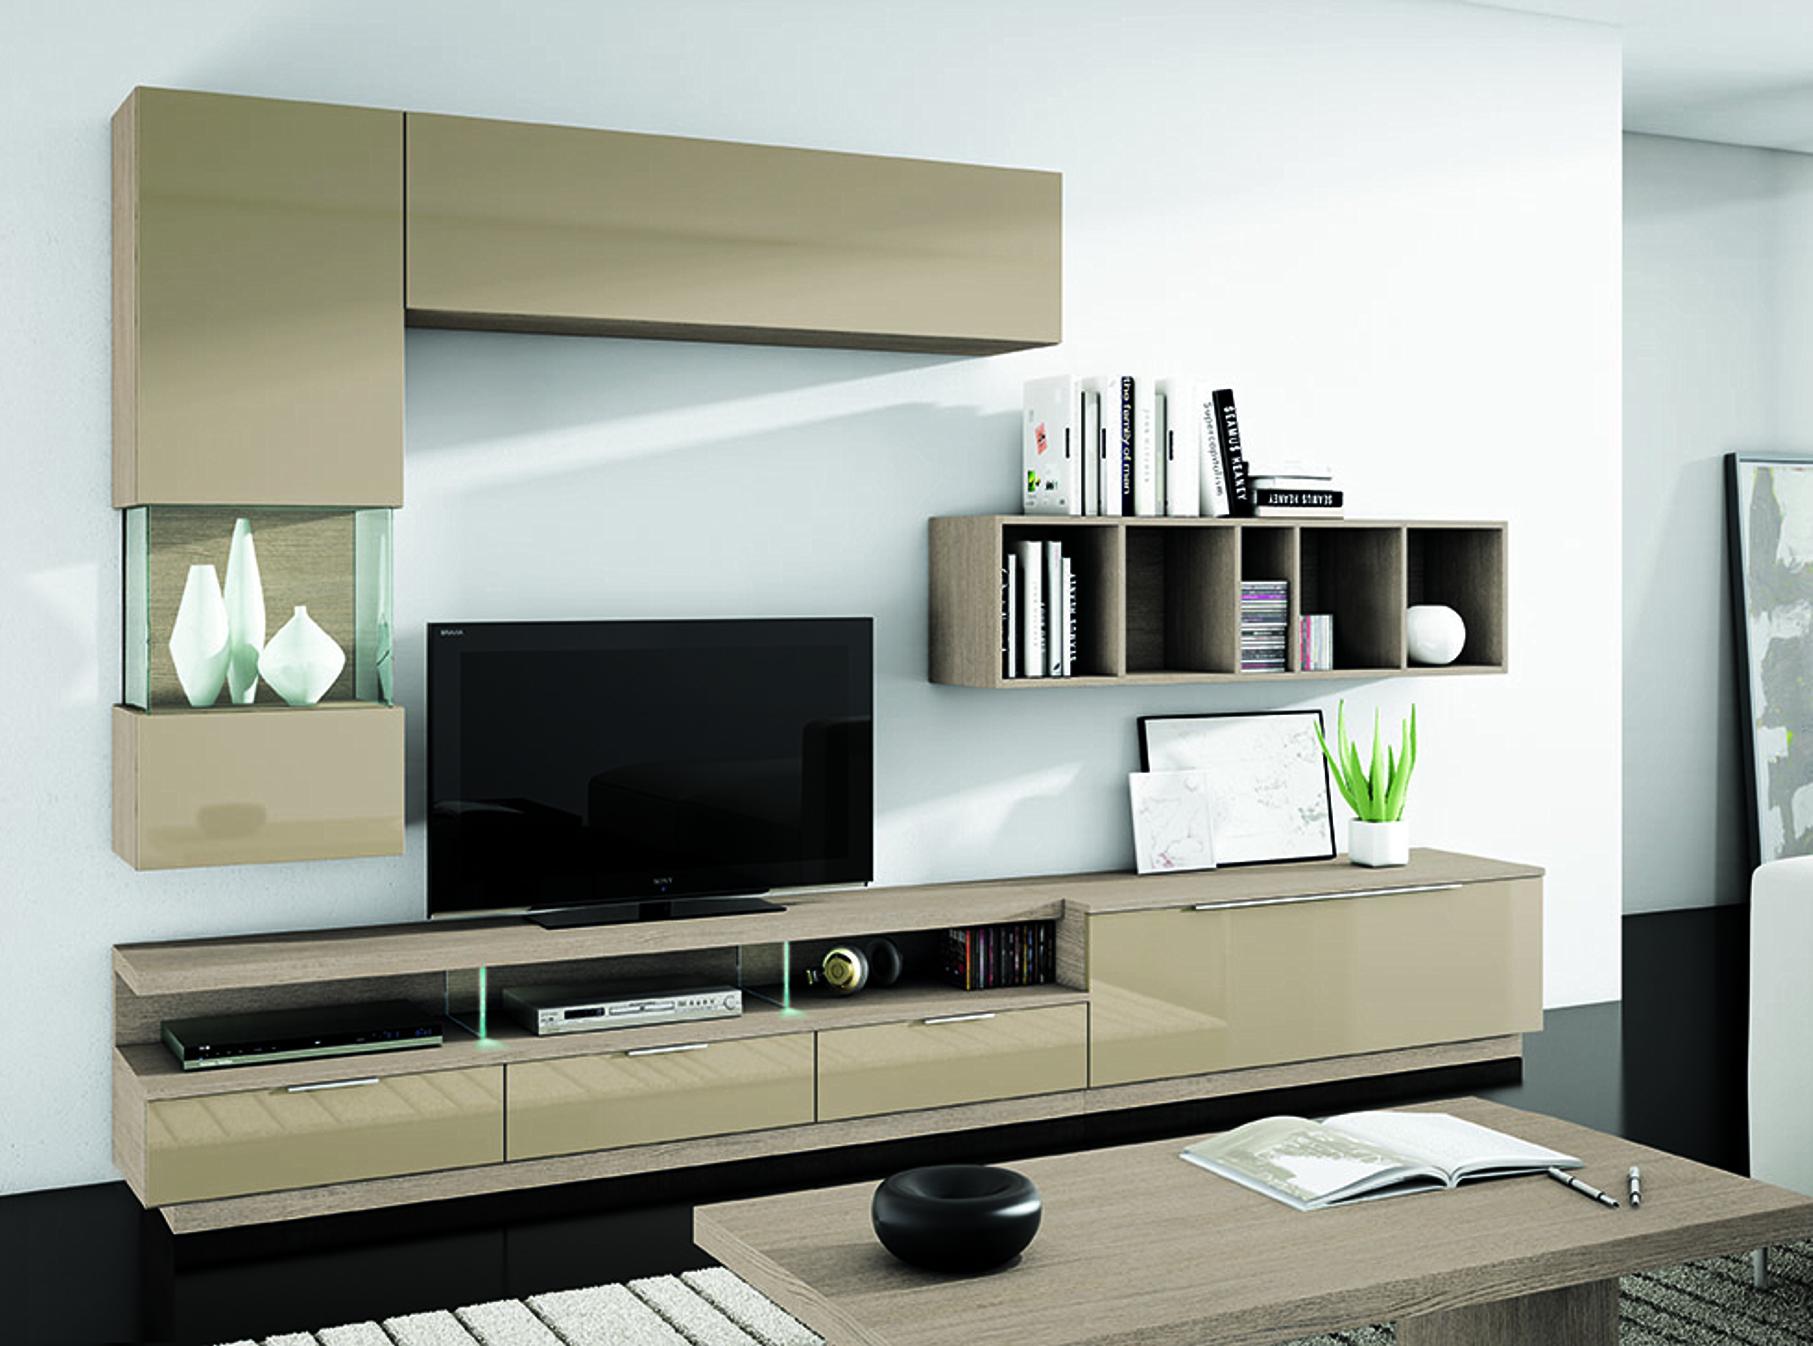 salon-moderno-Zion-3.0-muebles-paco-caballero-0907-5c8d32dc325df